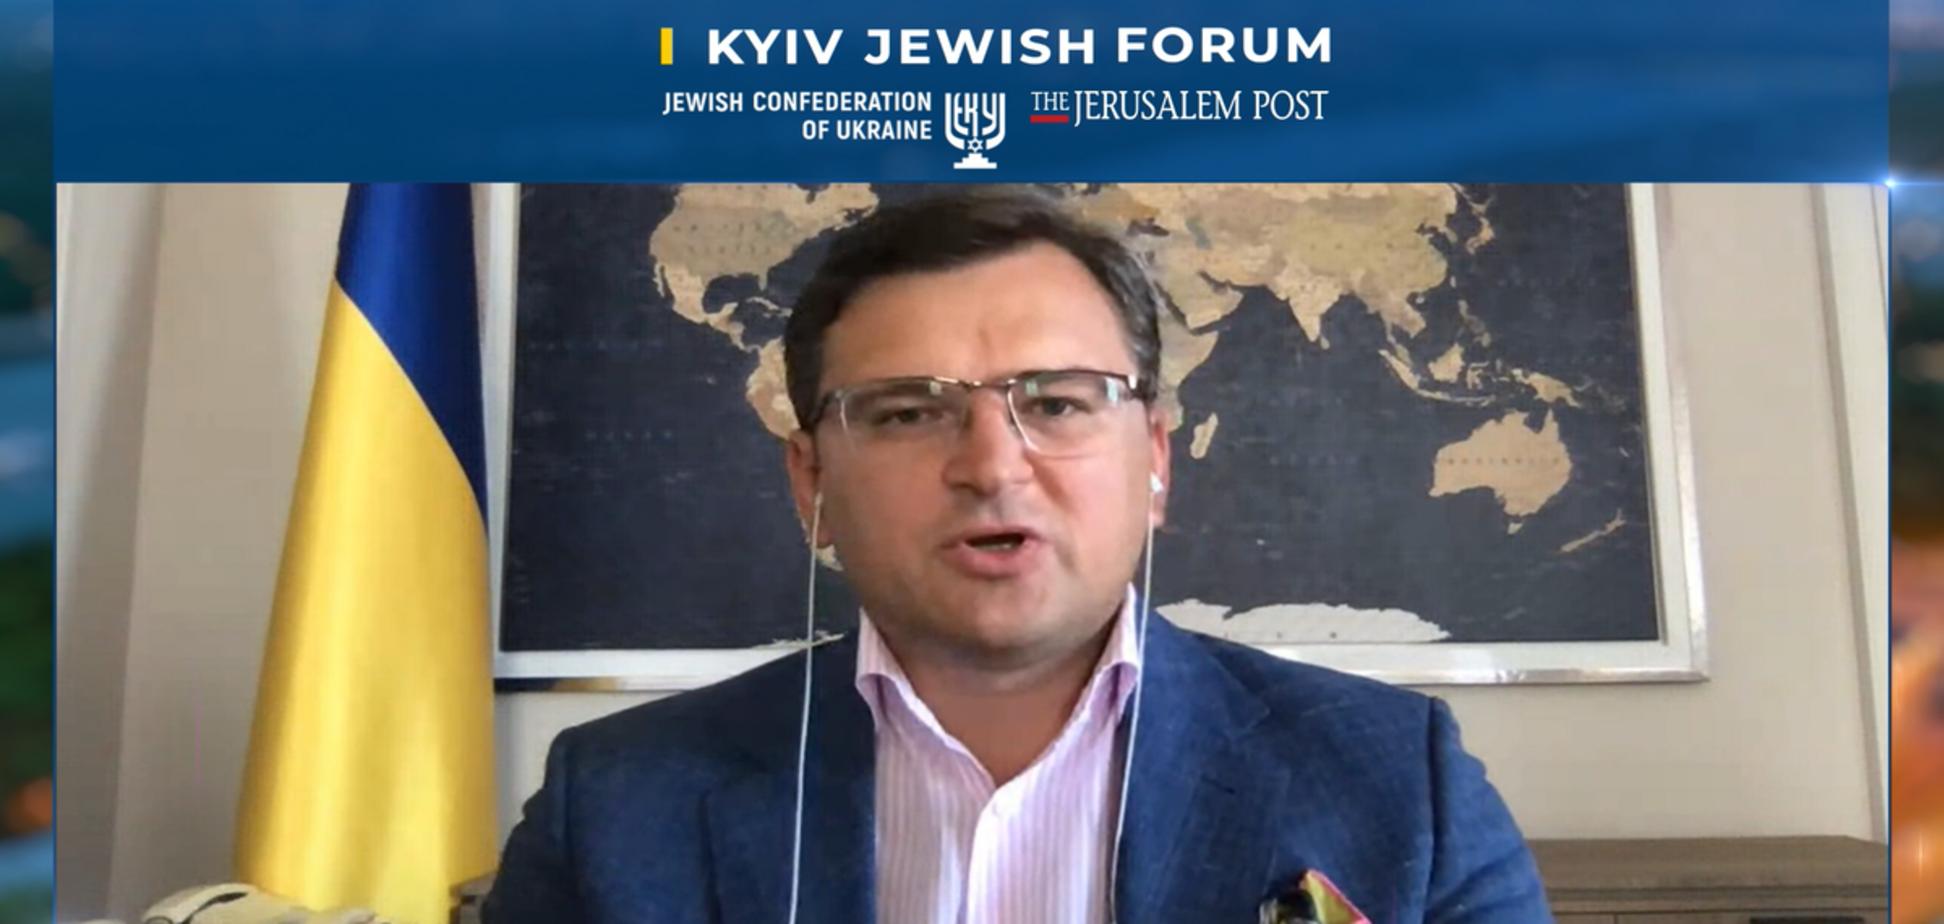 KJF 2020: Кулеба призвал не навешивать ярлыки из-за преступлений против евреев